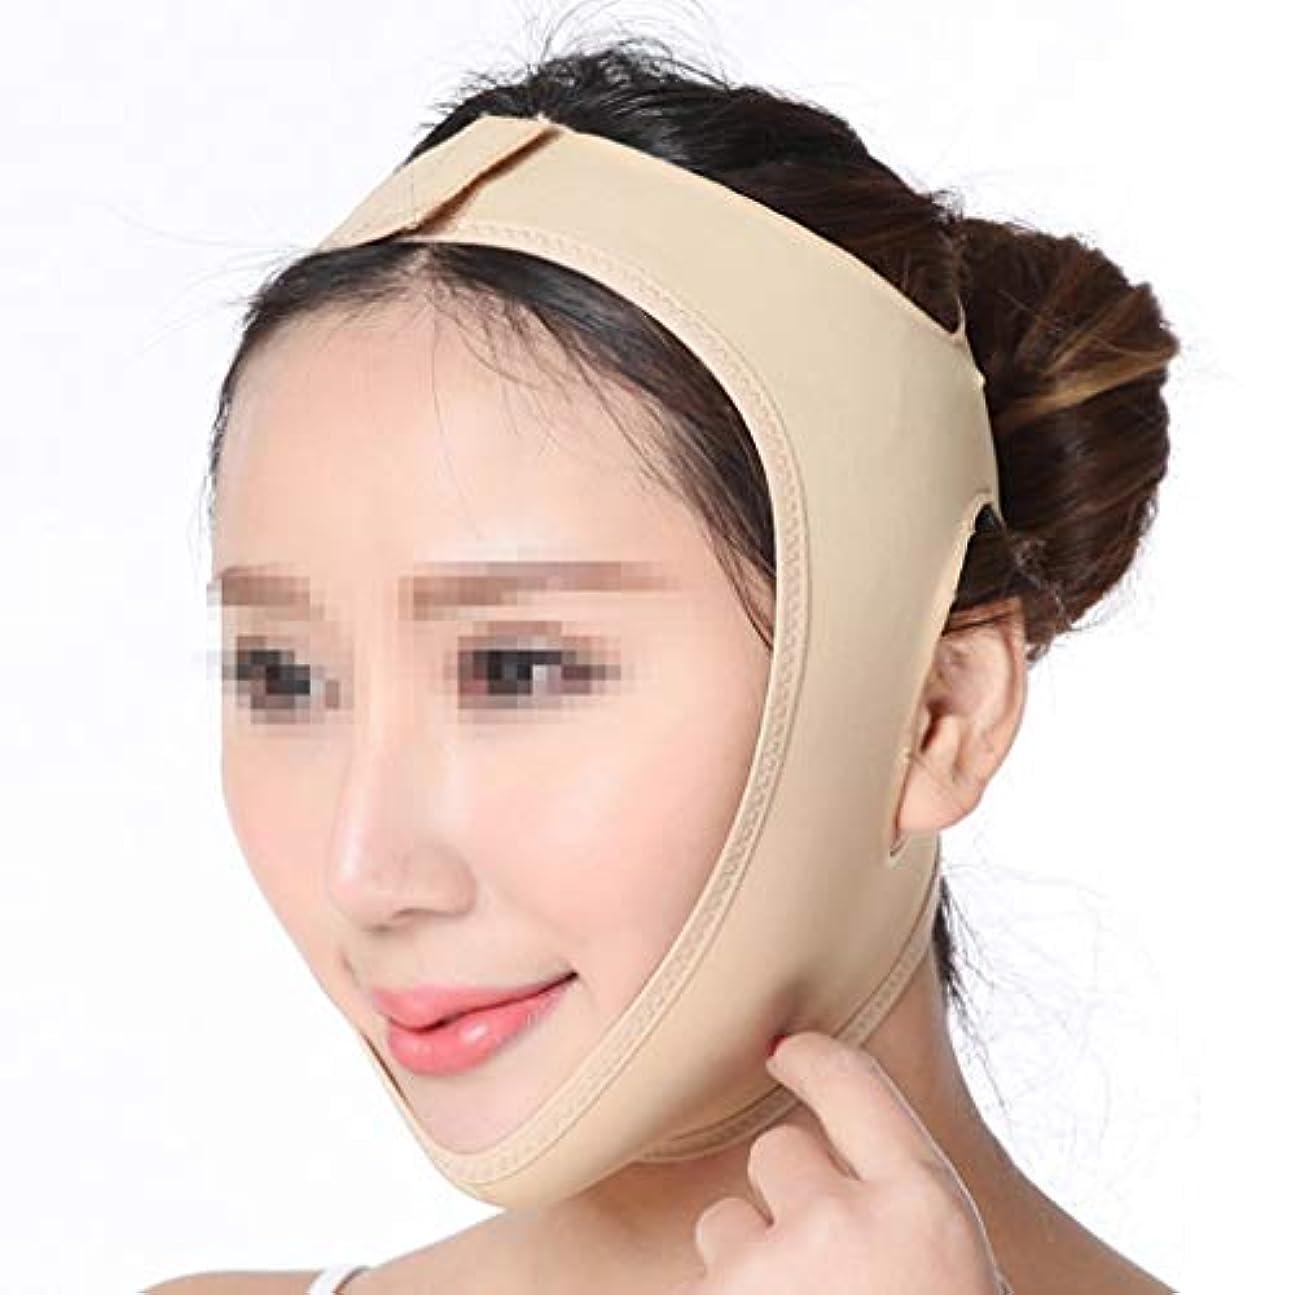 ミネラル伴うスムーズにXHLMRMJ フェイスリフティング包帯、Vフェイス薄型フェイスマスクフェイスリフティング包帯リフティングVフェイスマスク (Size : L)